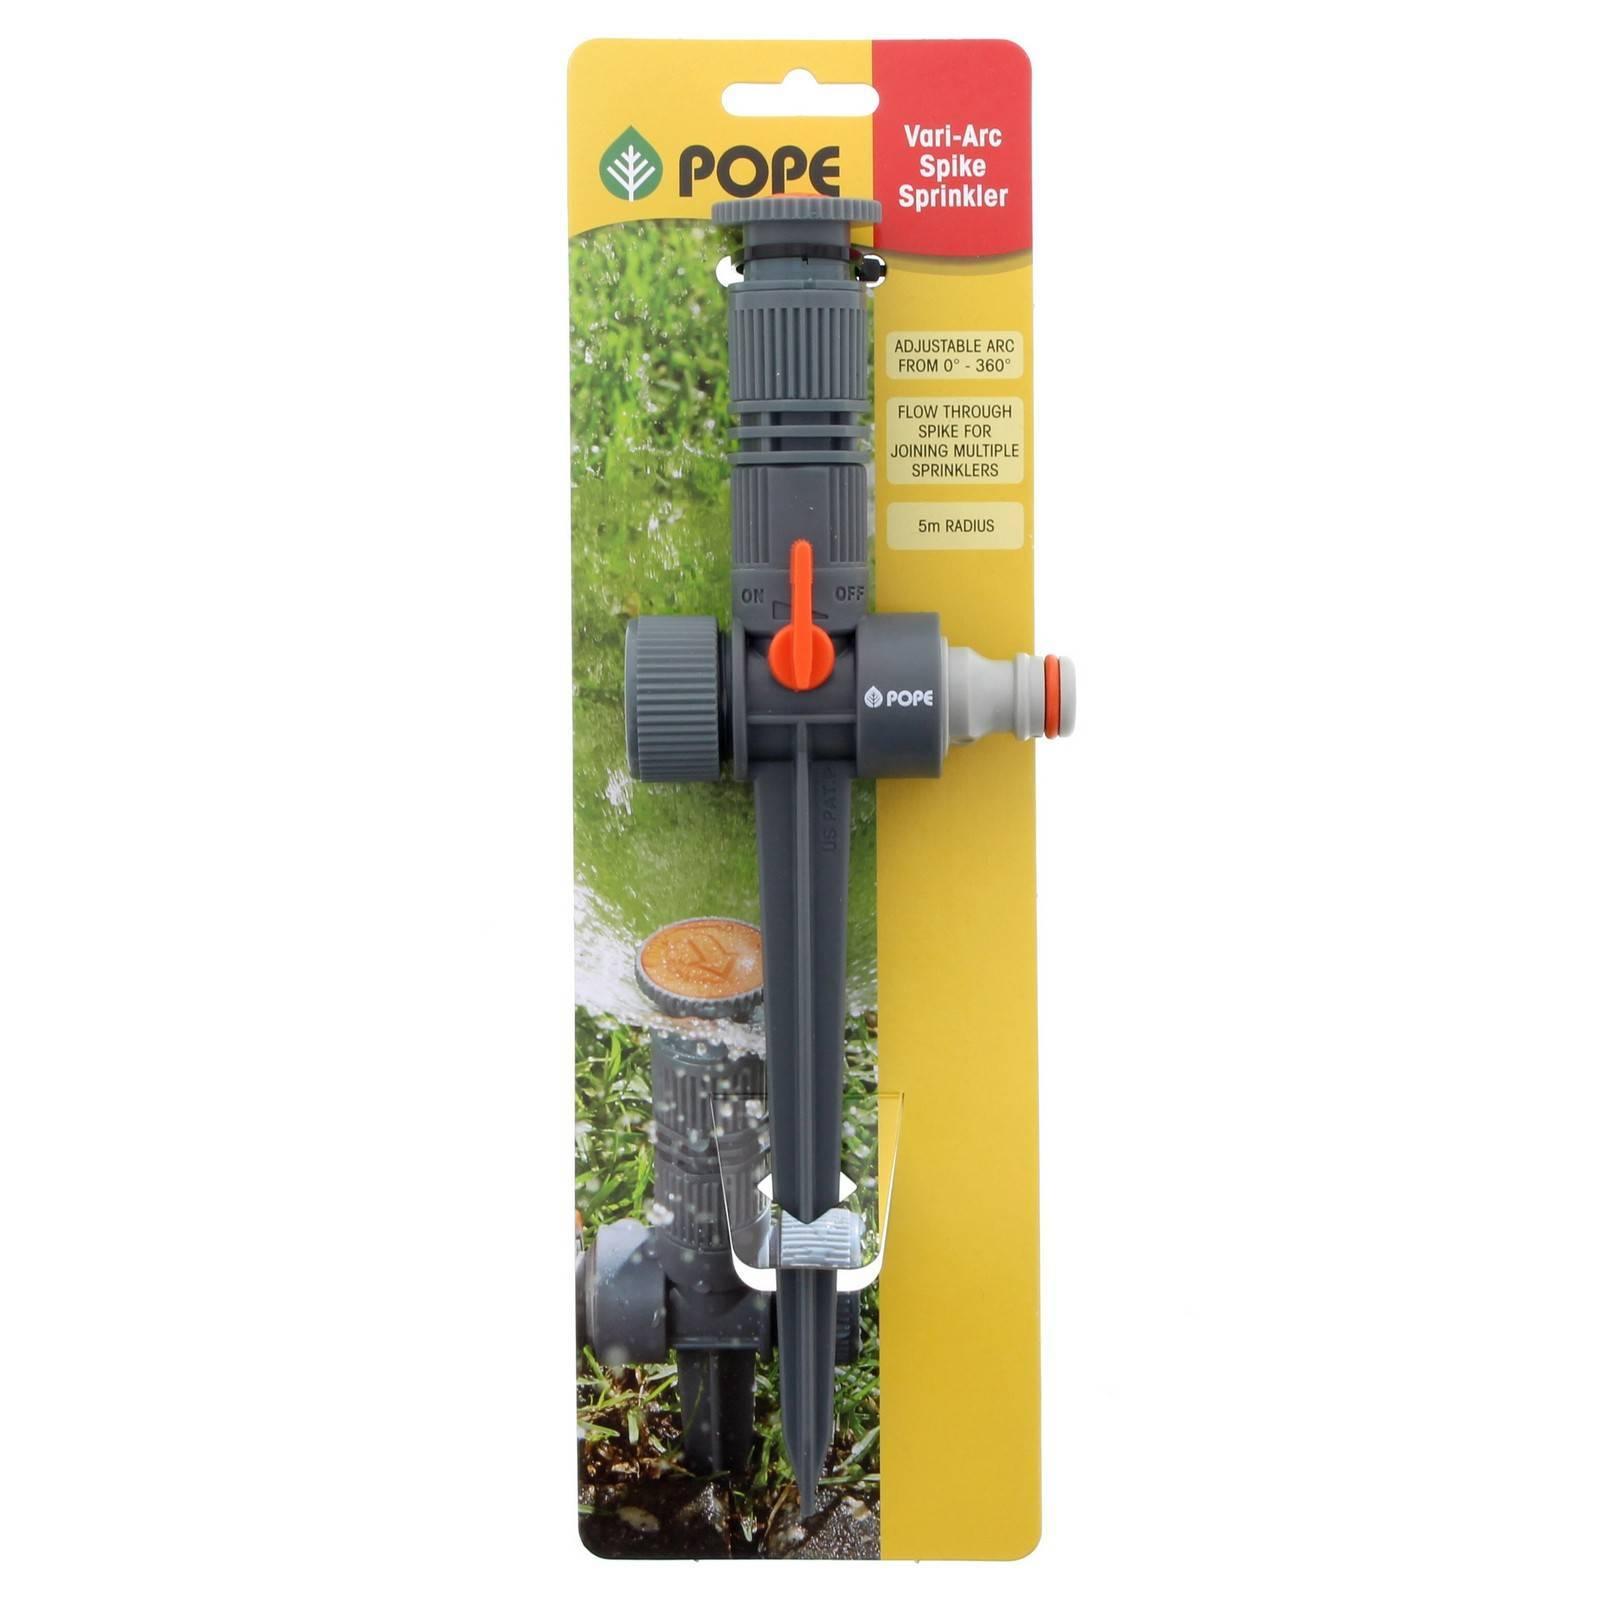 Vari-Arc Sprinkler Garden Watering Pope Flow Through Spike Add More Sprinklers